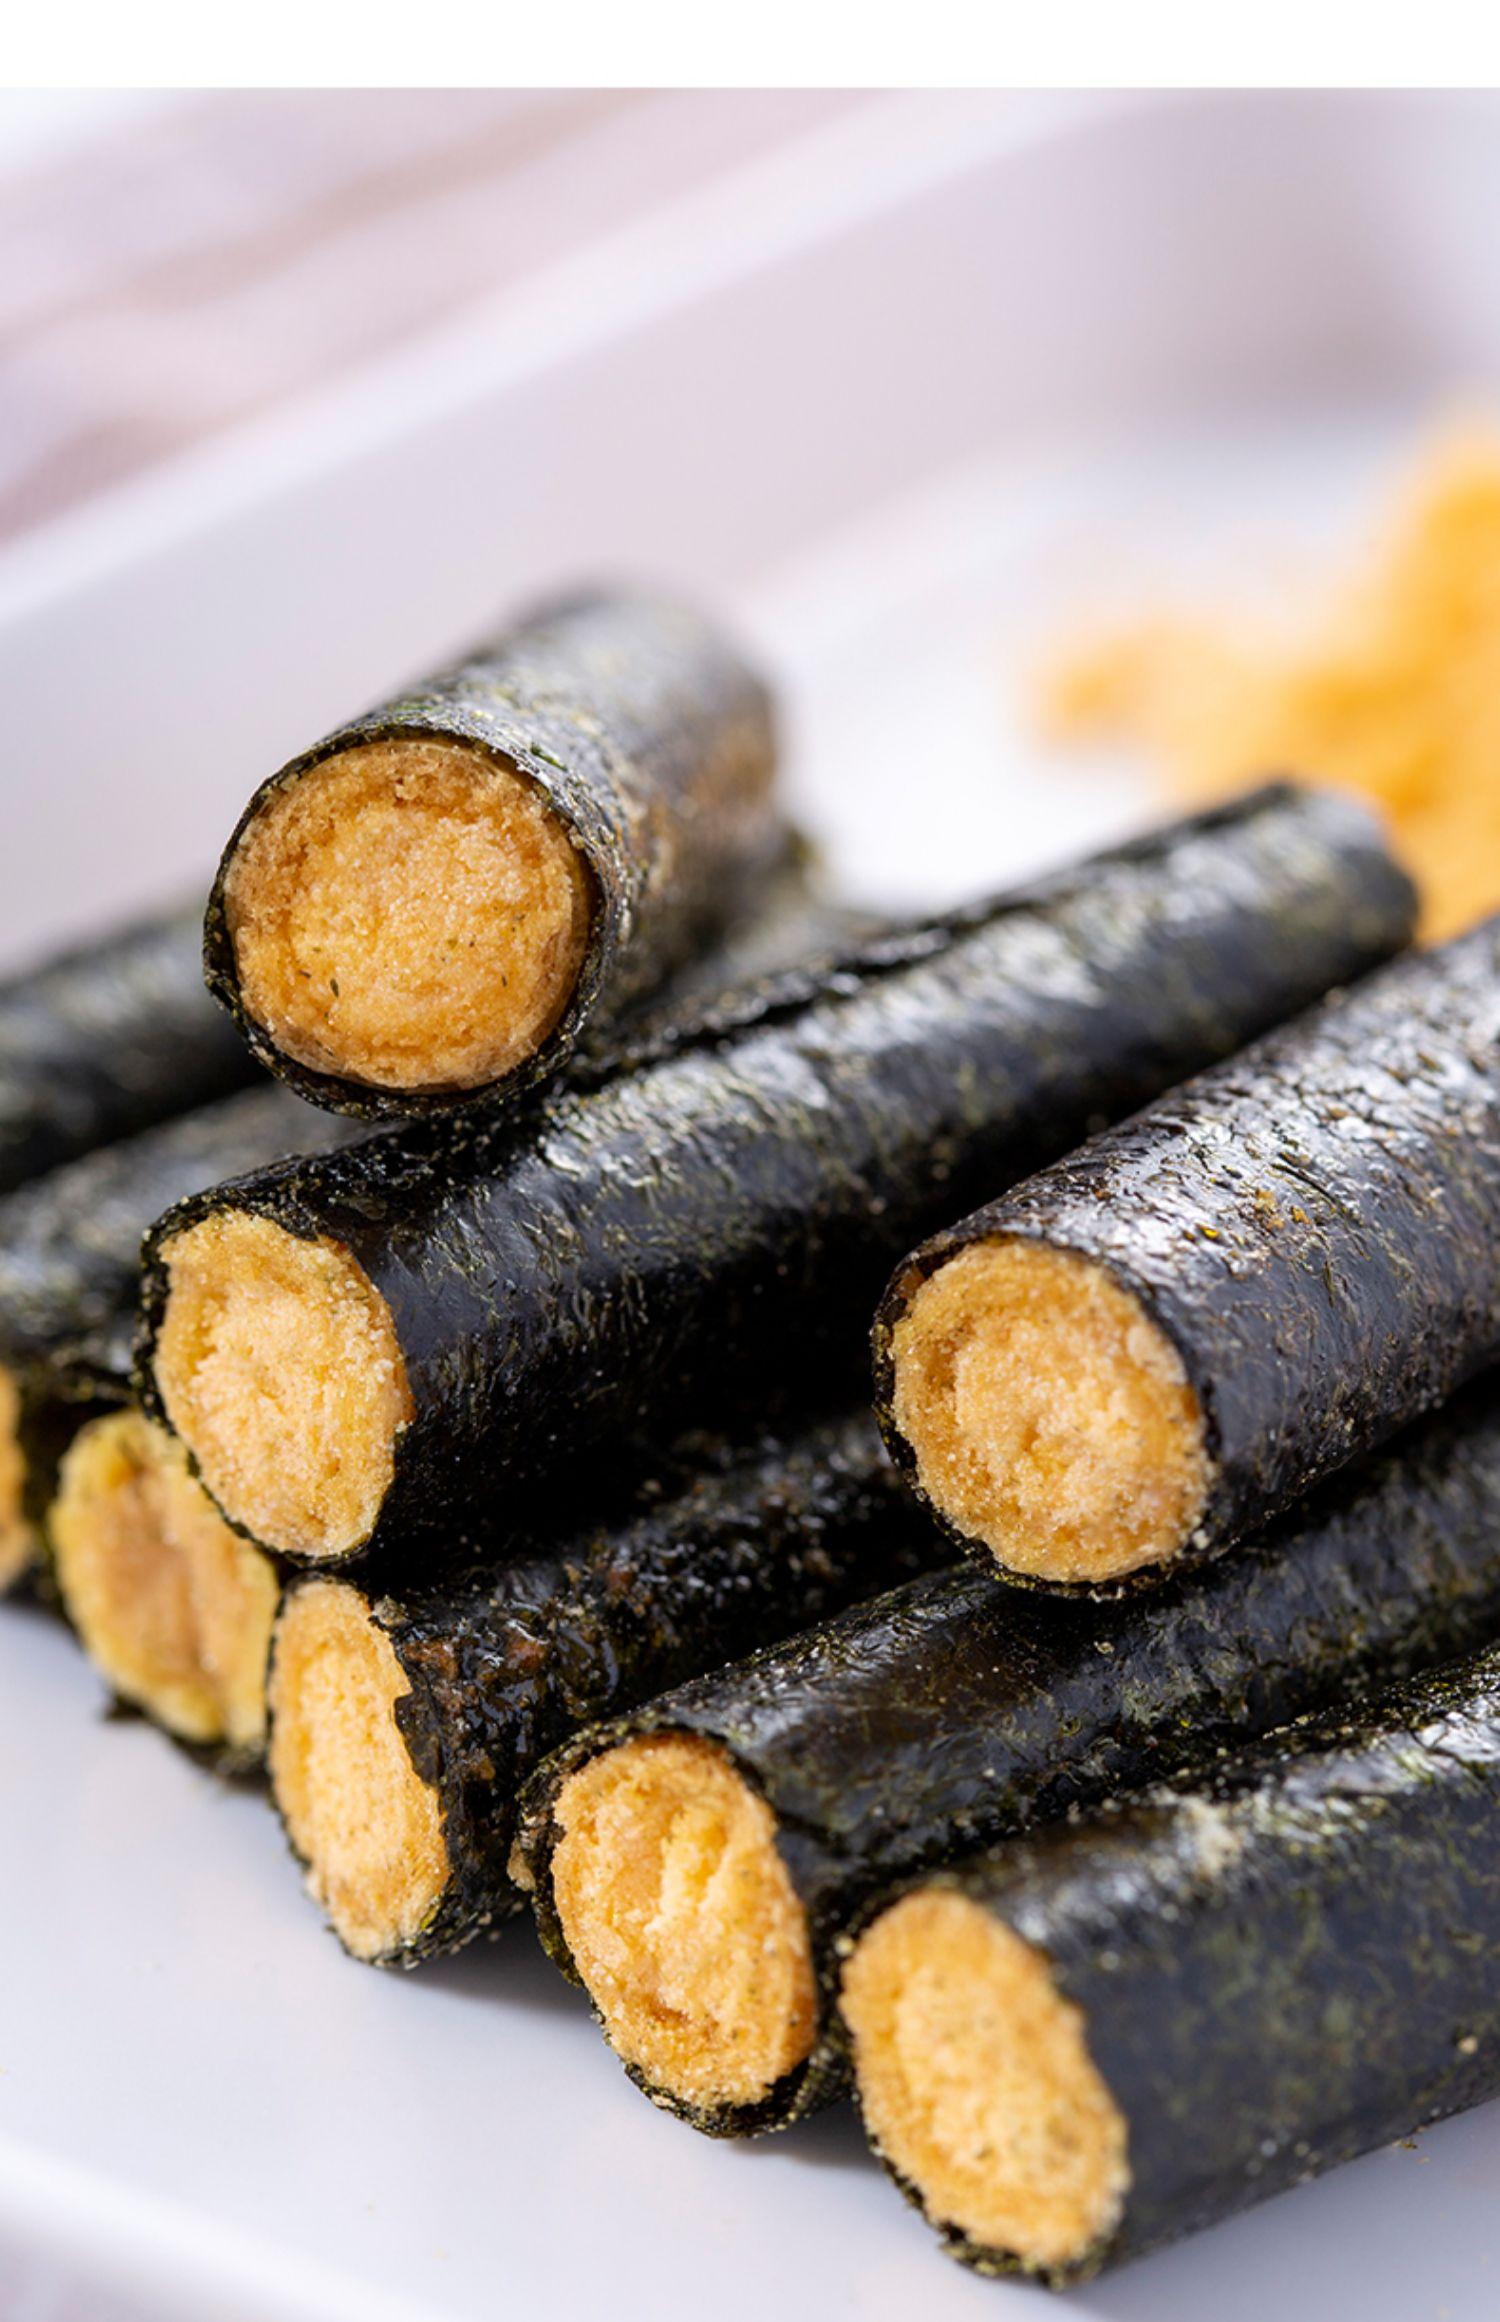 藤壶岛肉松盒装即食夹心脆海苔卷